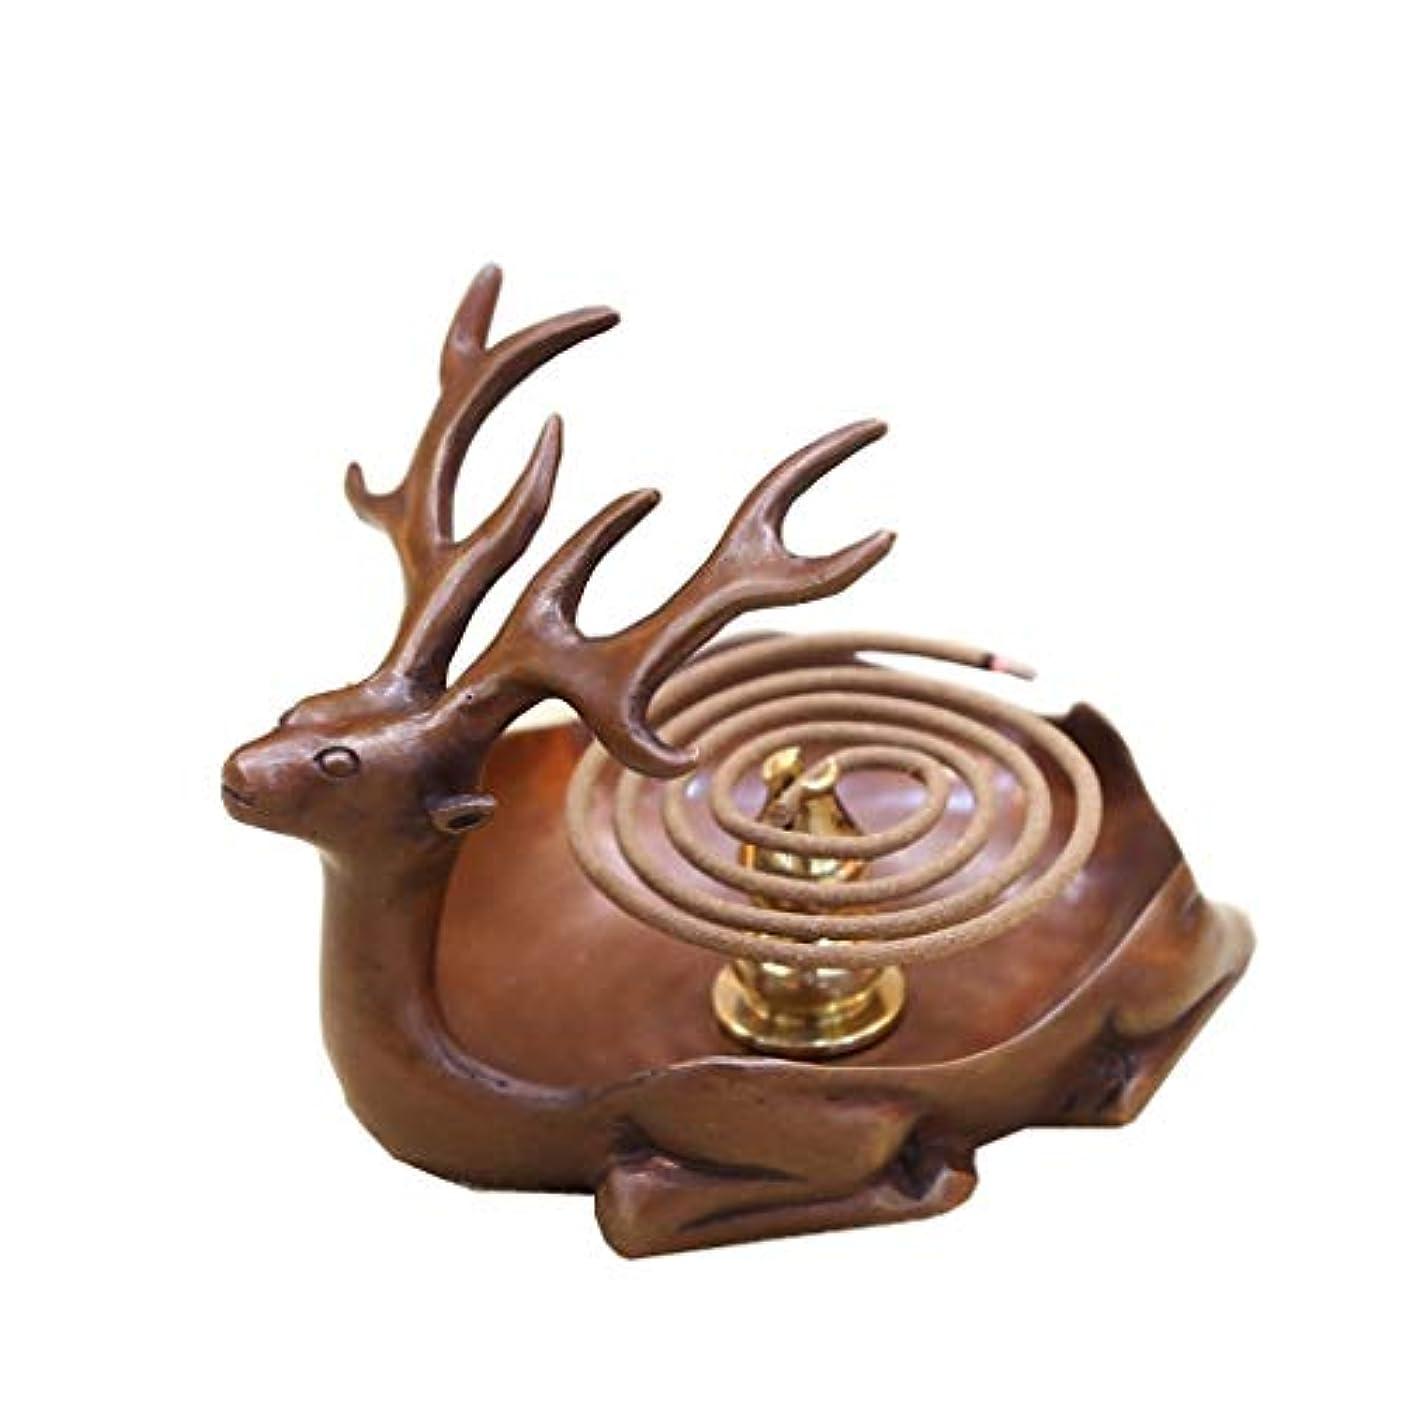 晩餐遊具苦しむホームアロマバーナー 純粋な銅アンティーク子鹿香バーナーホーム屋内香ビャクダン茶セレモニー香バーナー装飾 アロマバーナー (Color : Brown)